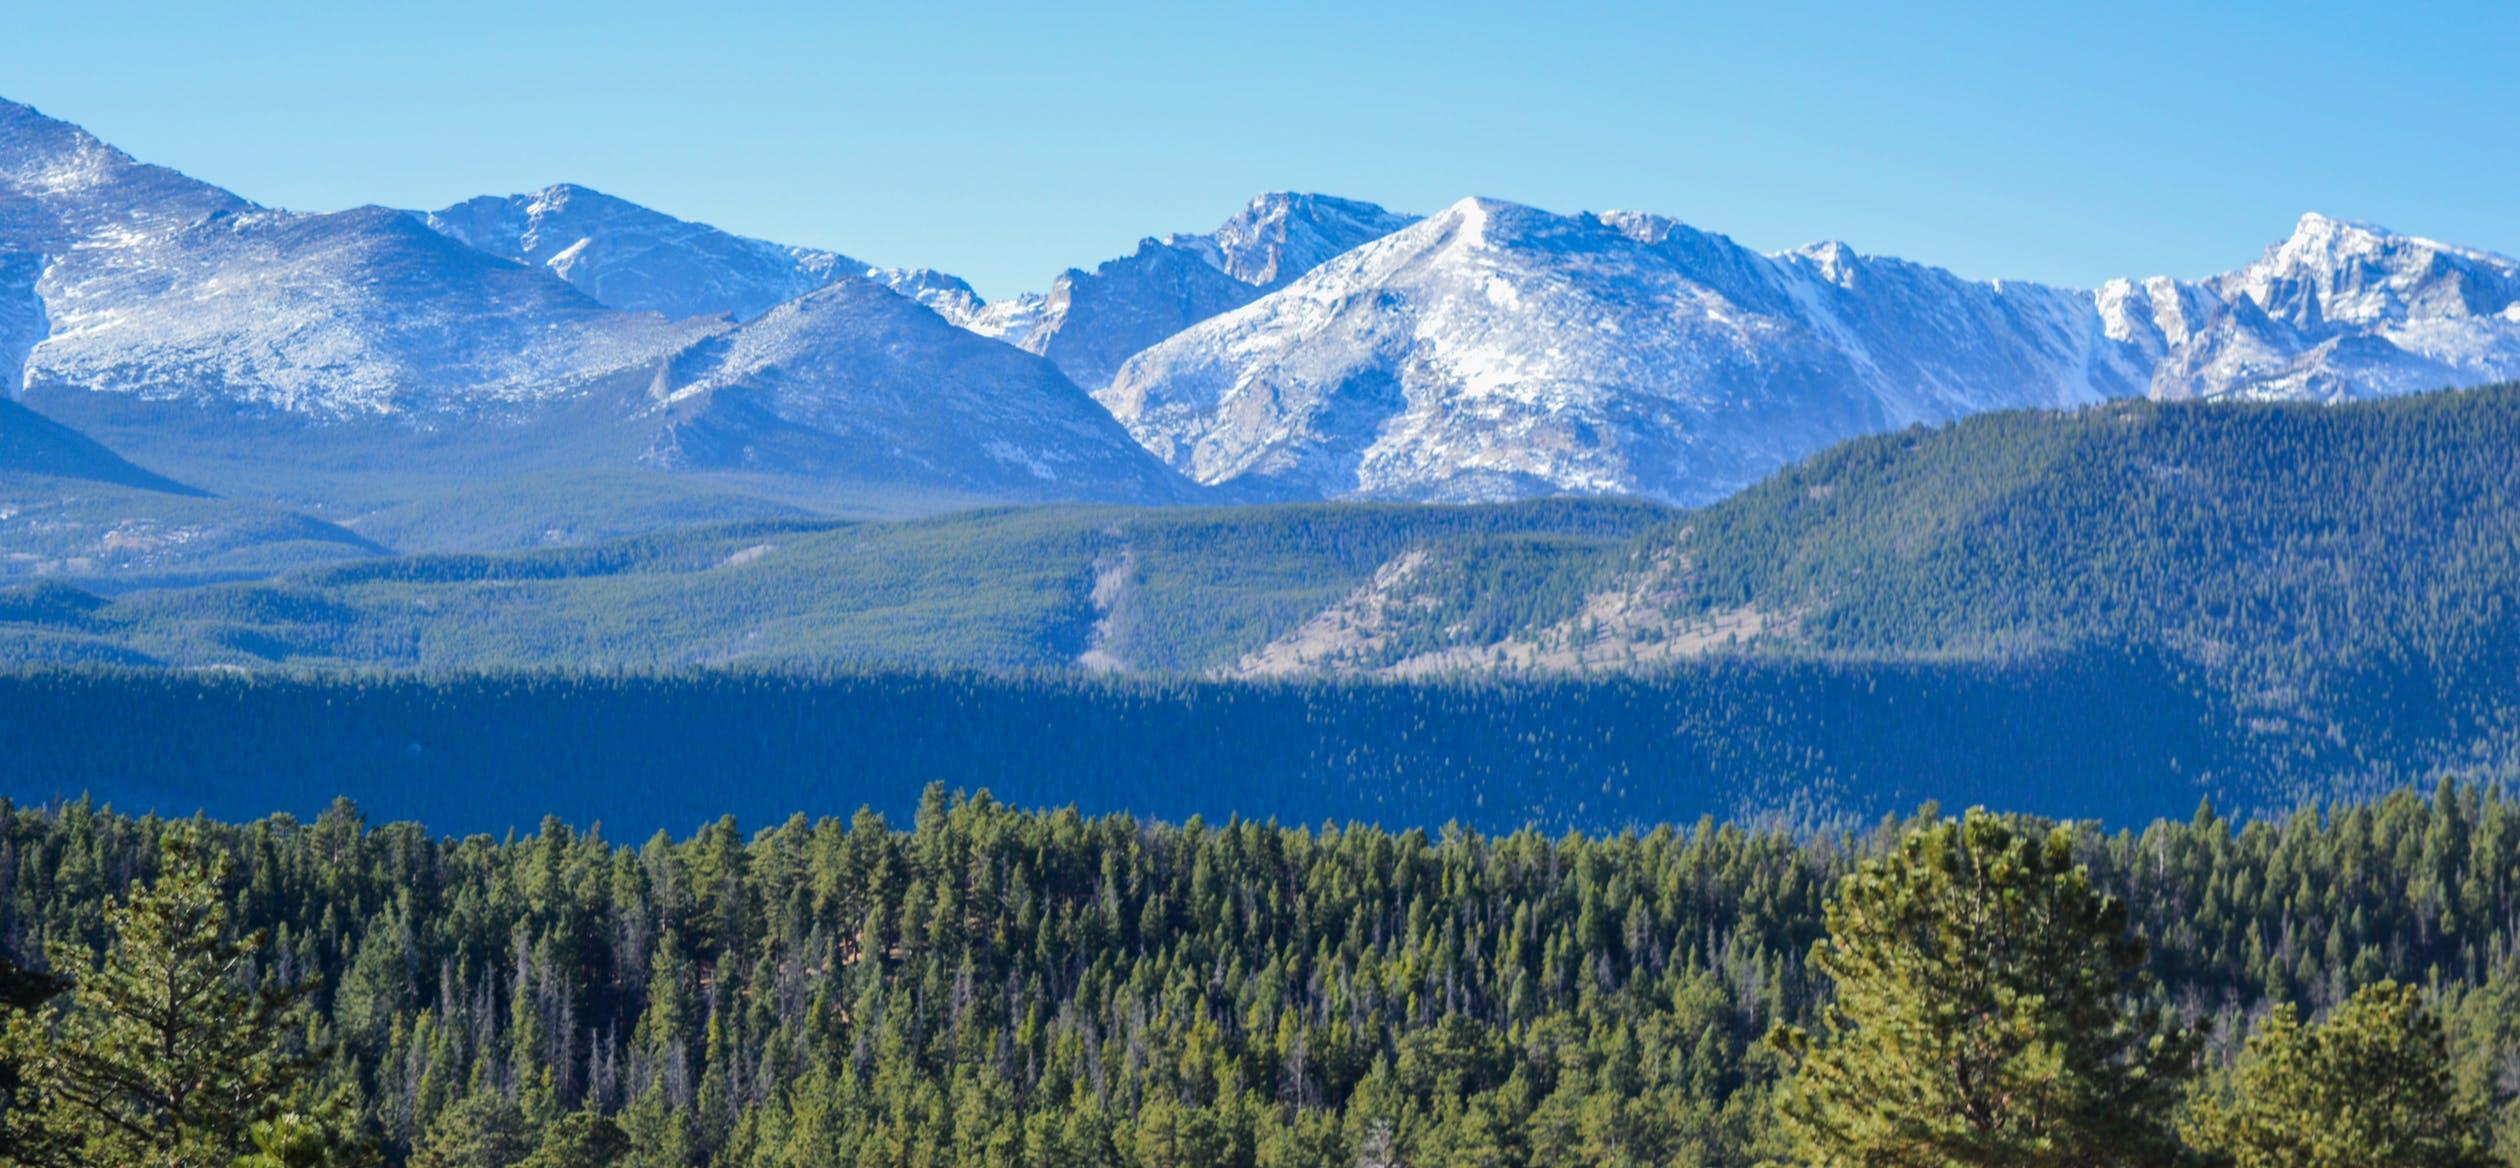 Denver – Colorado Springs Mission Trip Excursion